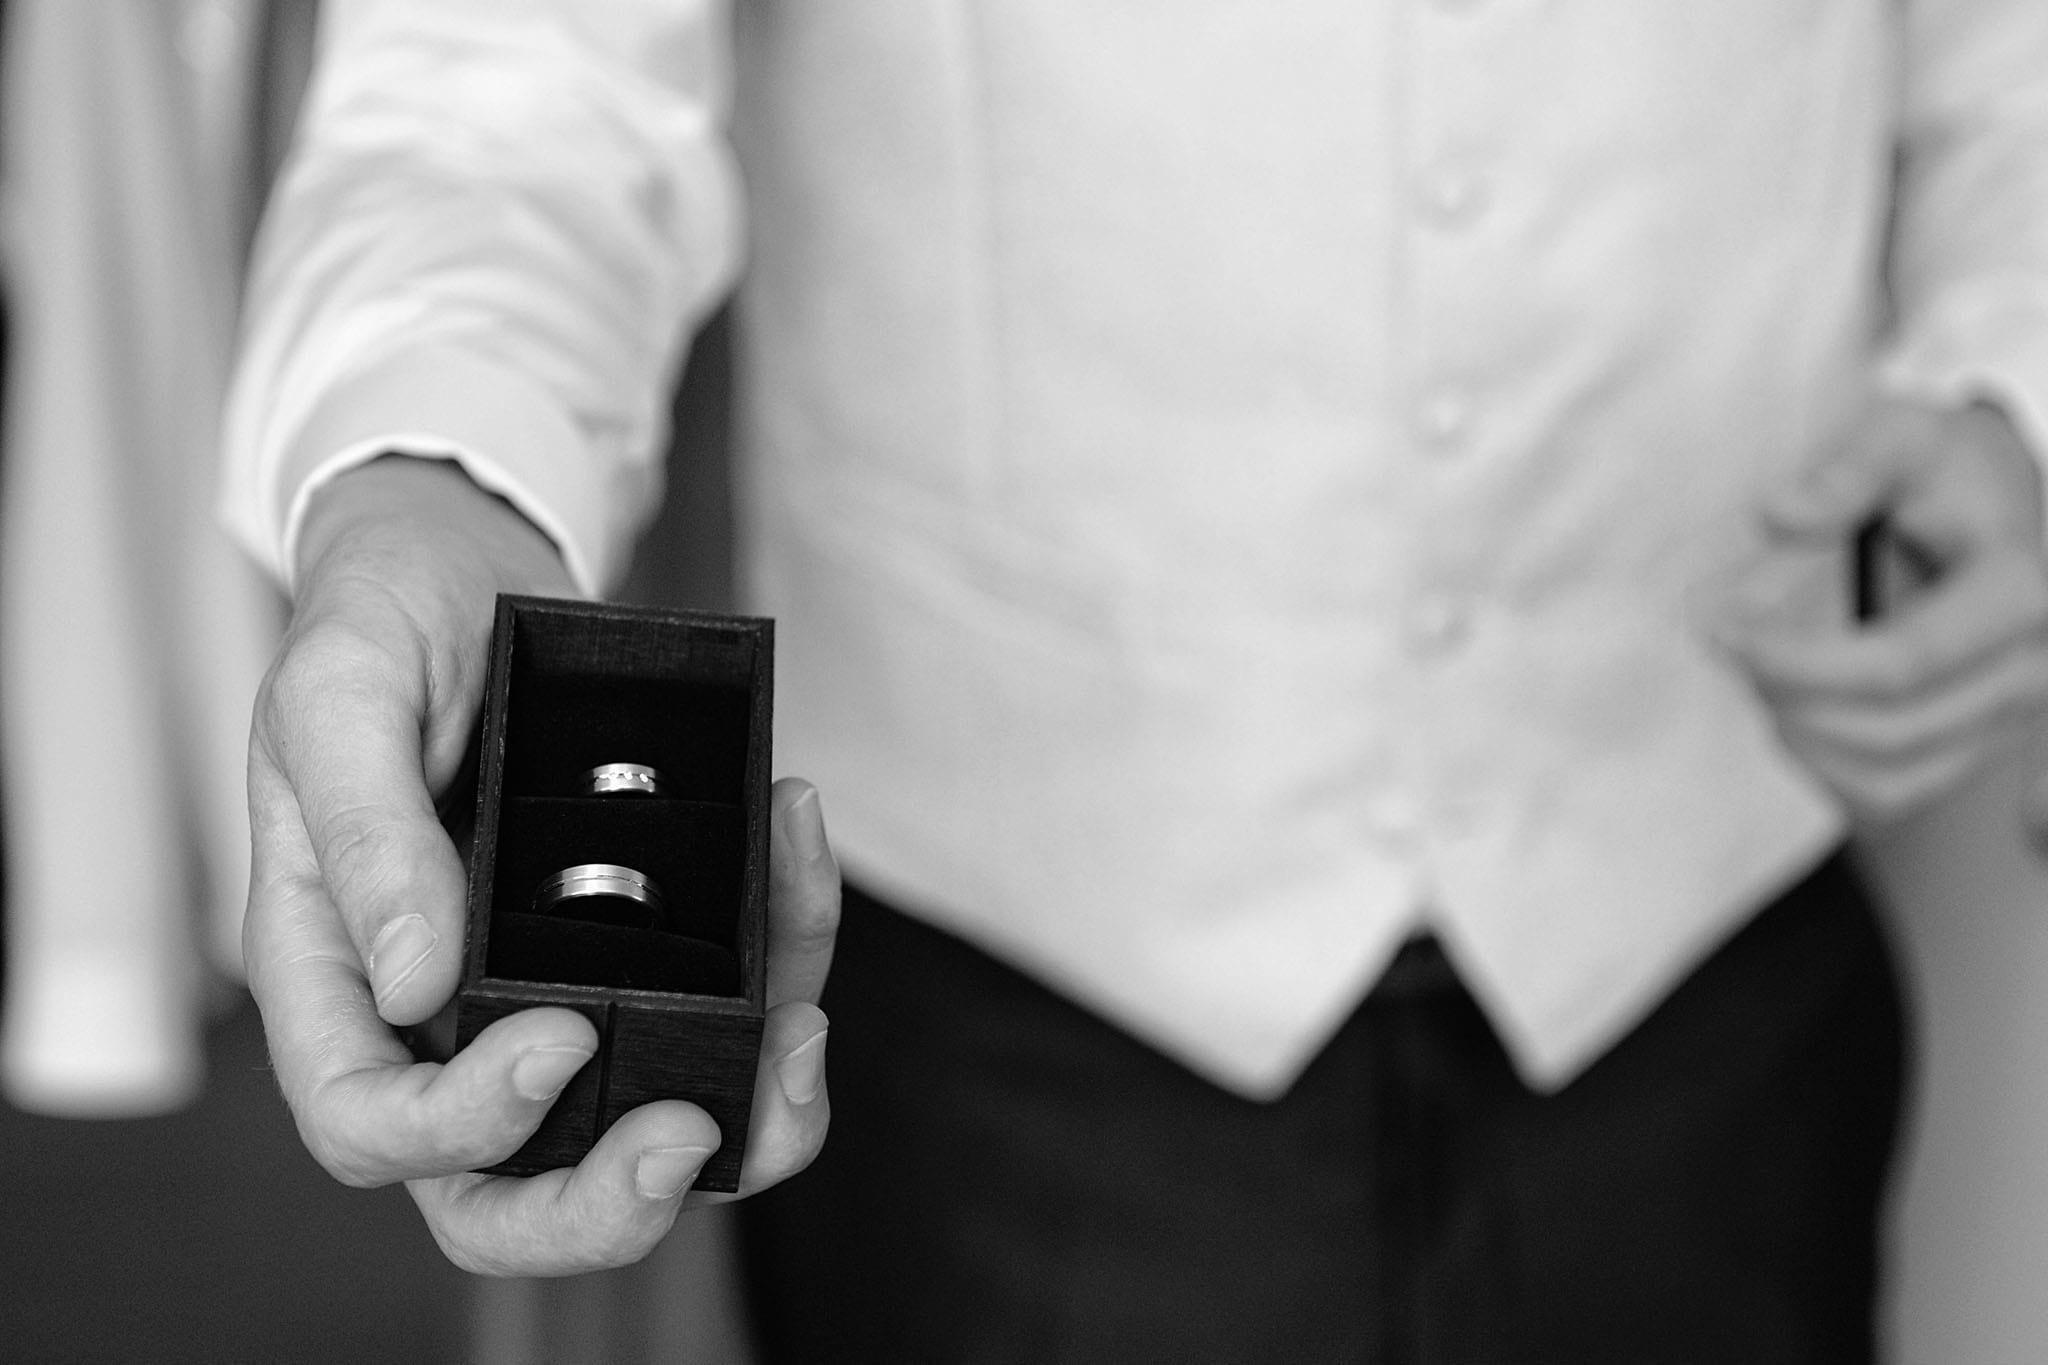 Hochzeit 026 Bräutigam Hochzeit heiraten Hochzeitsfoto Hemd Weste Ehering Hochzeitsfotografie Daniel Fuss Fotografie